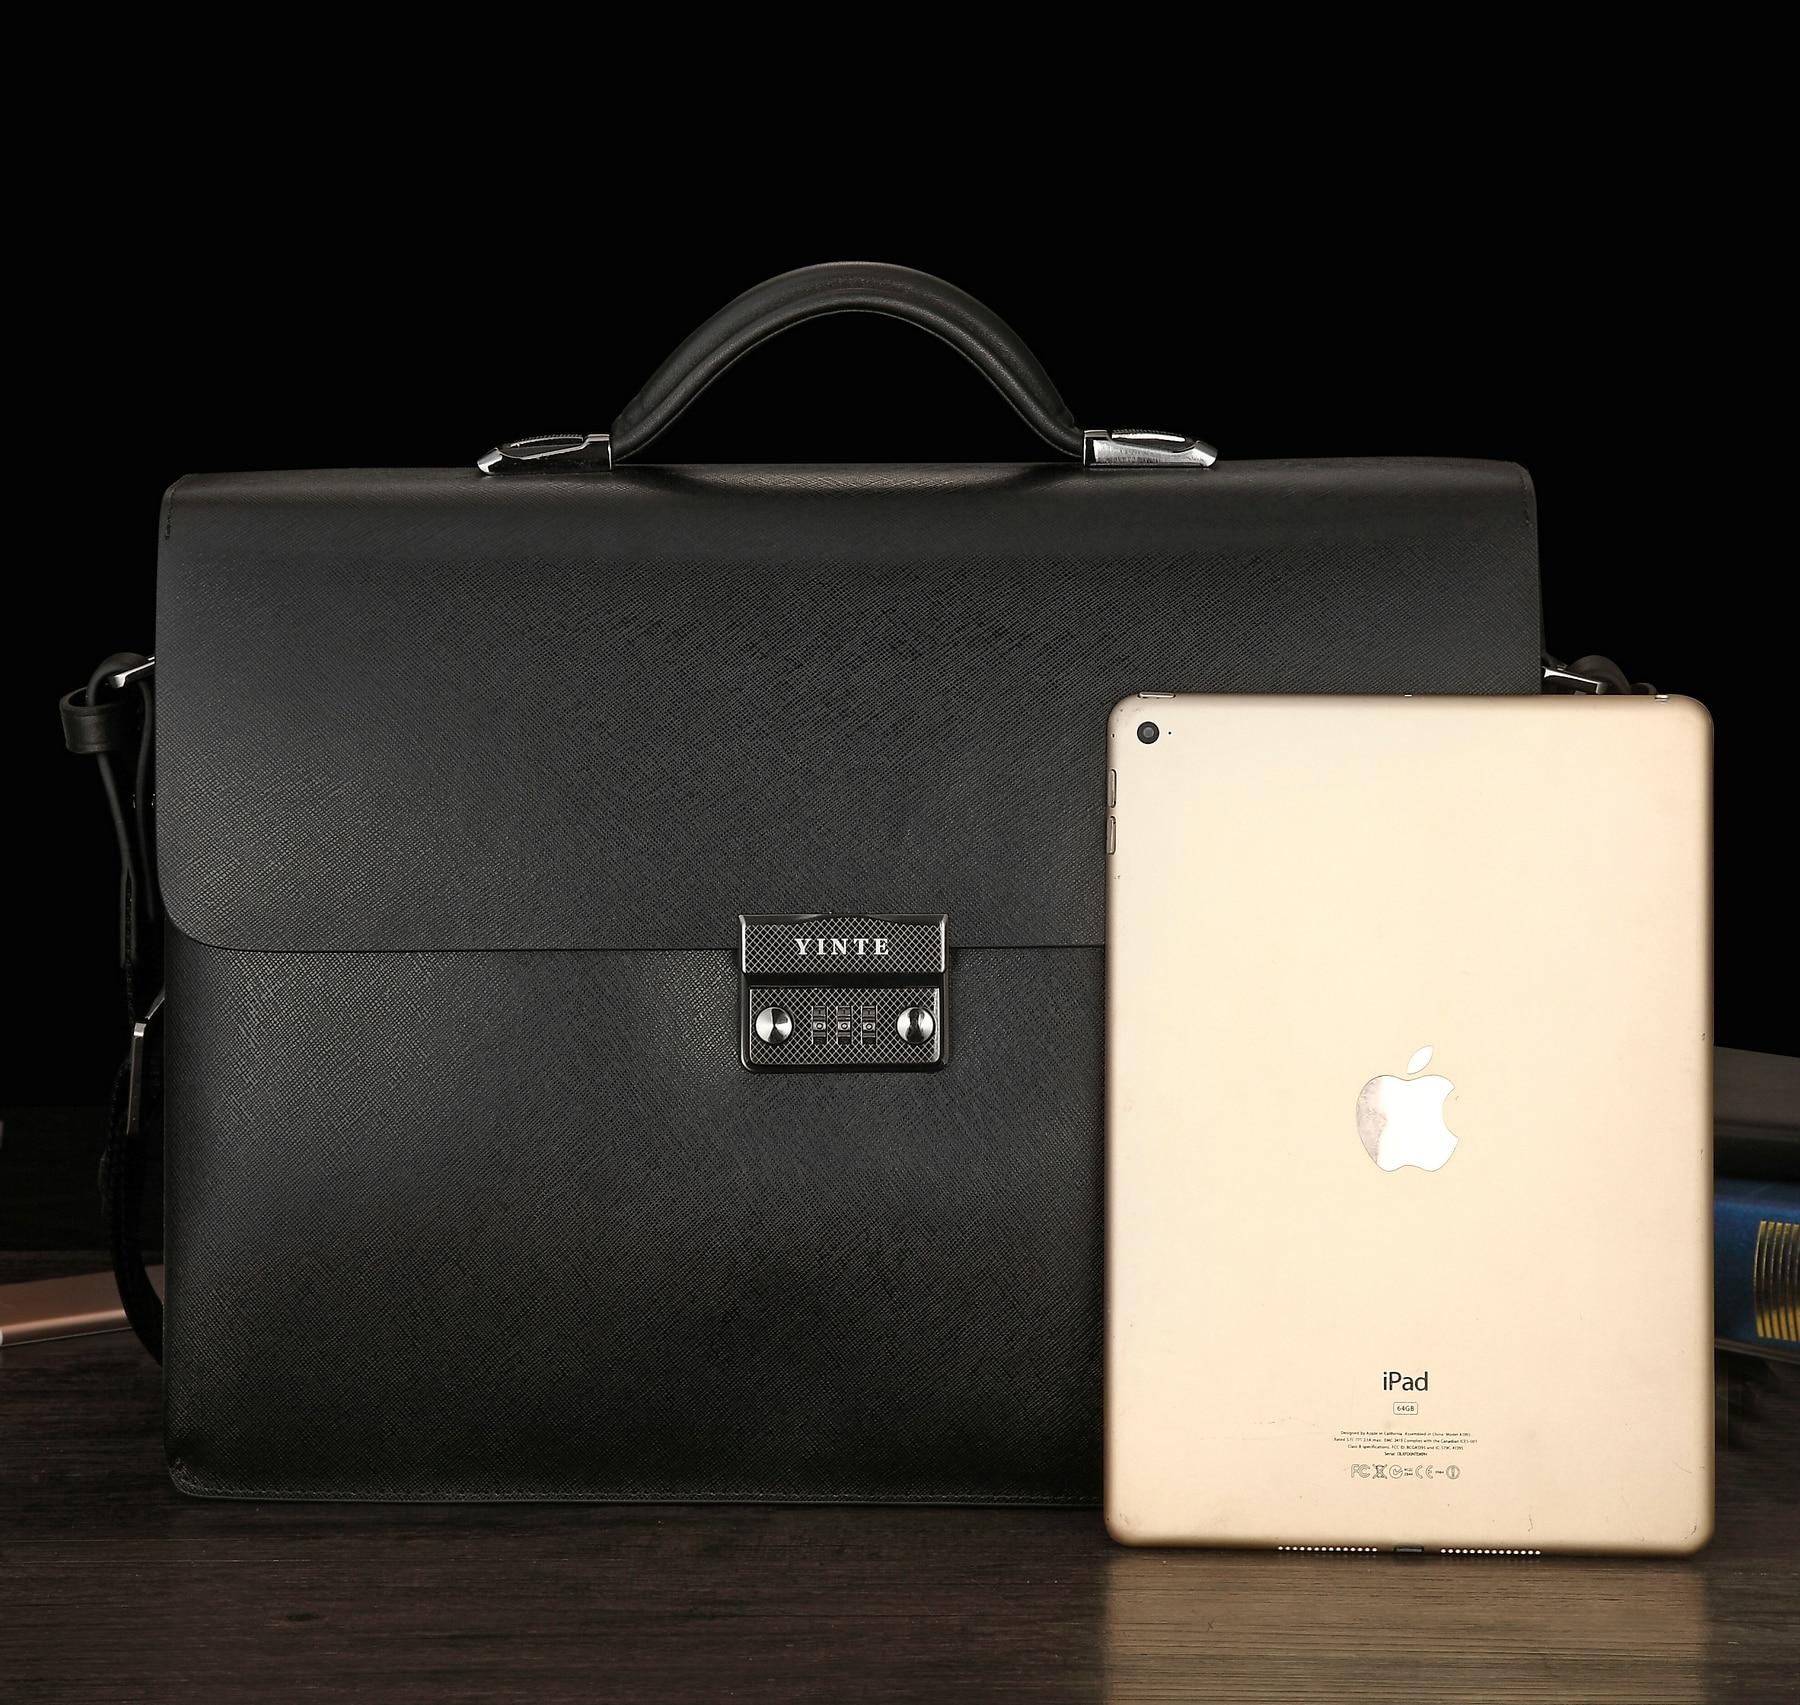 YINTE Hot Business Bag Men's Leather Vintage Formal Business Lawyer Briefcase Messenger Shoulder Attache PortfolioTote T8191-6